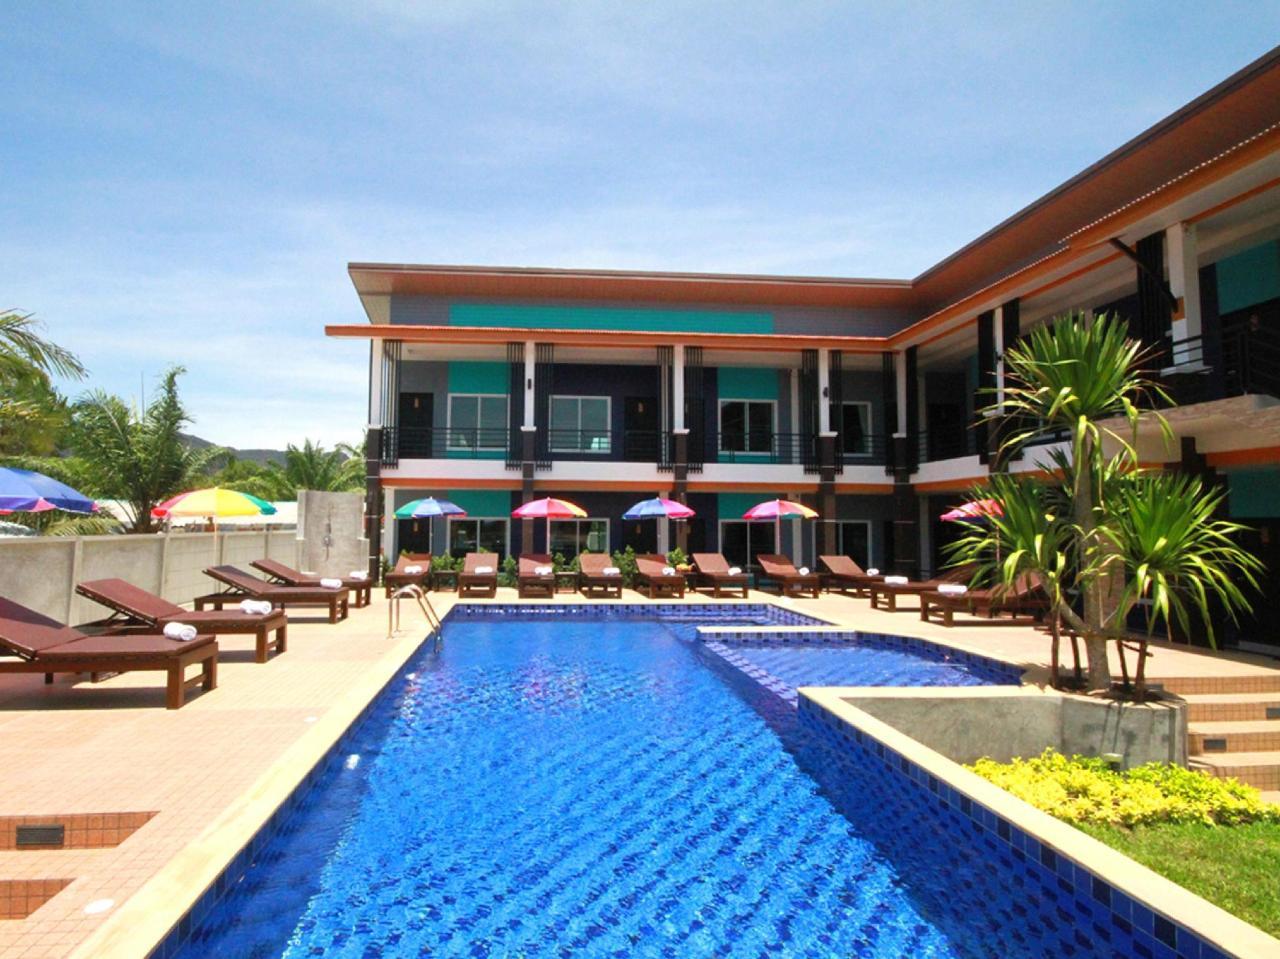 ซีเชล รีสอร์ท กระบี่ (Seashell Resort Krabi)